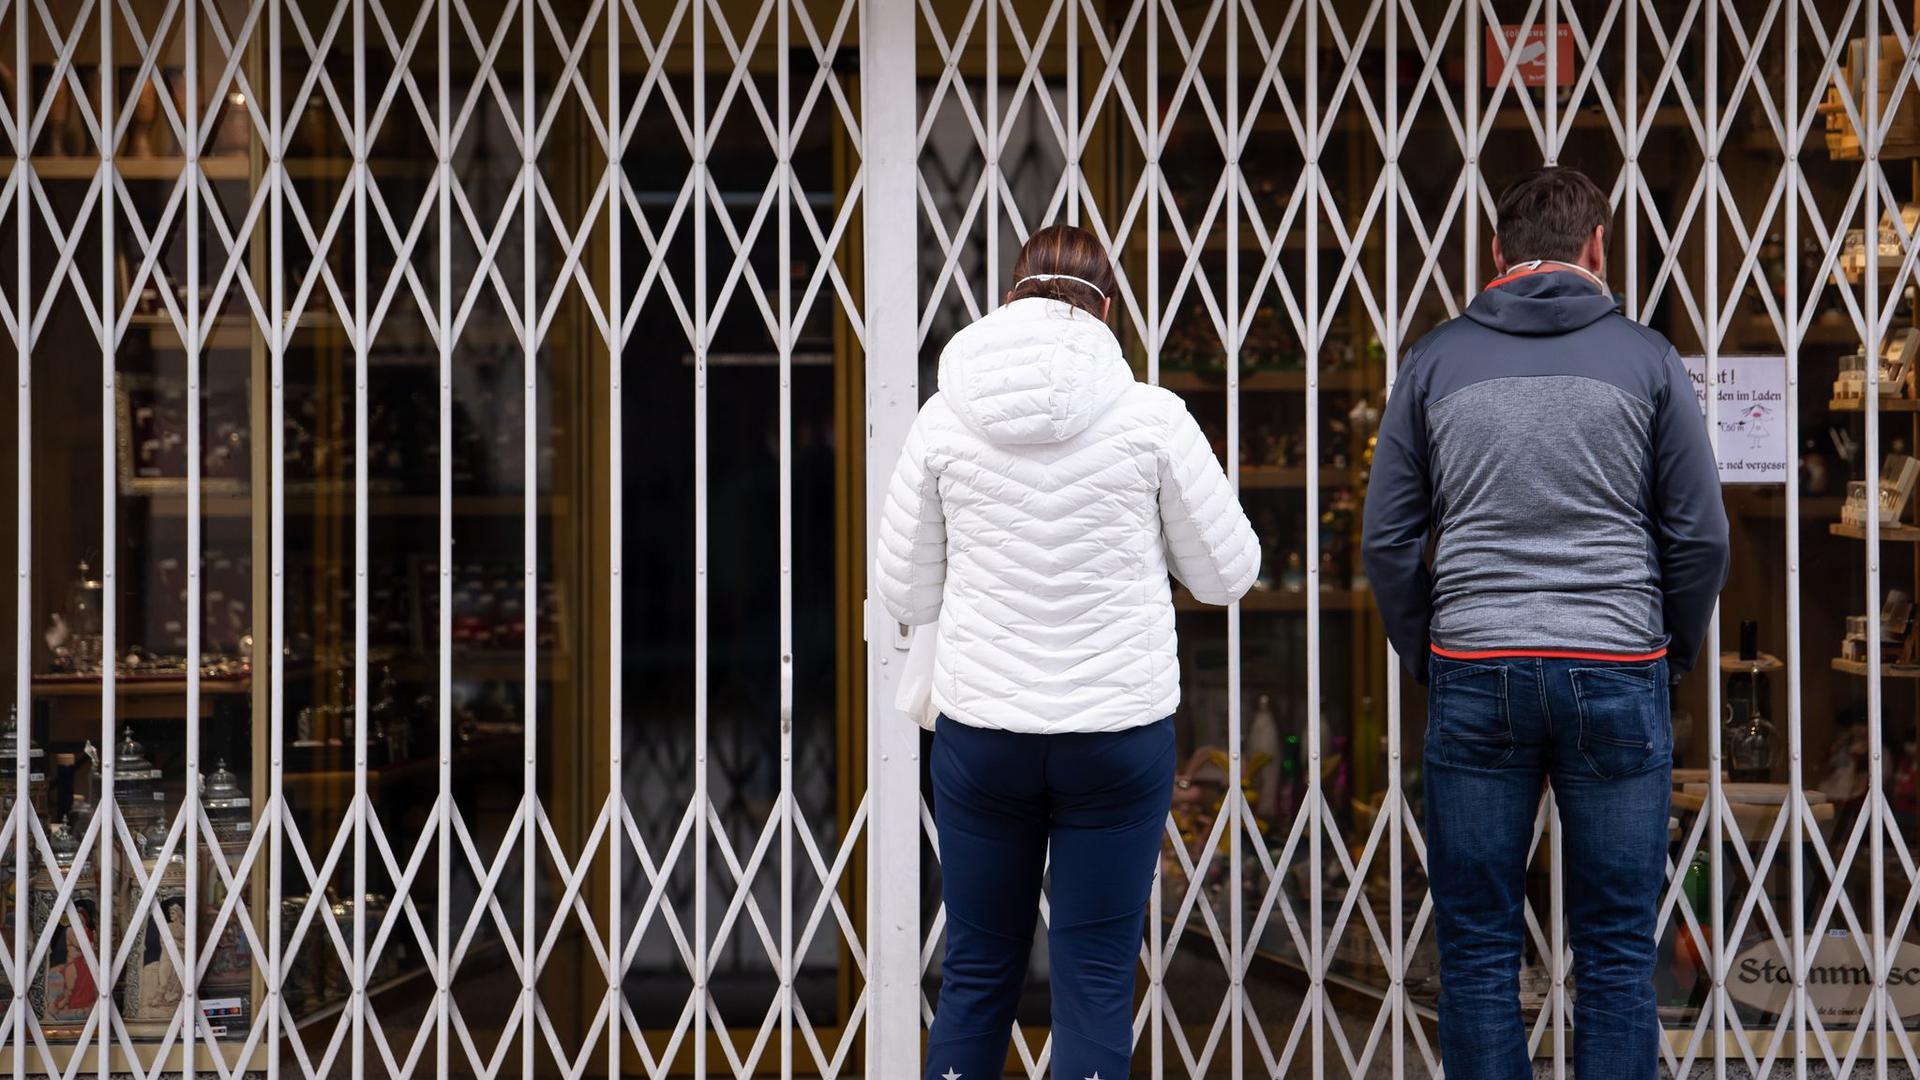 Zwei Passanten stehen in einer Fußgängerzone vor einem geschlossenen Geschäft.